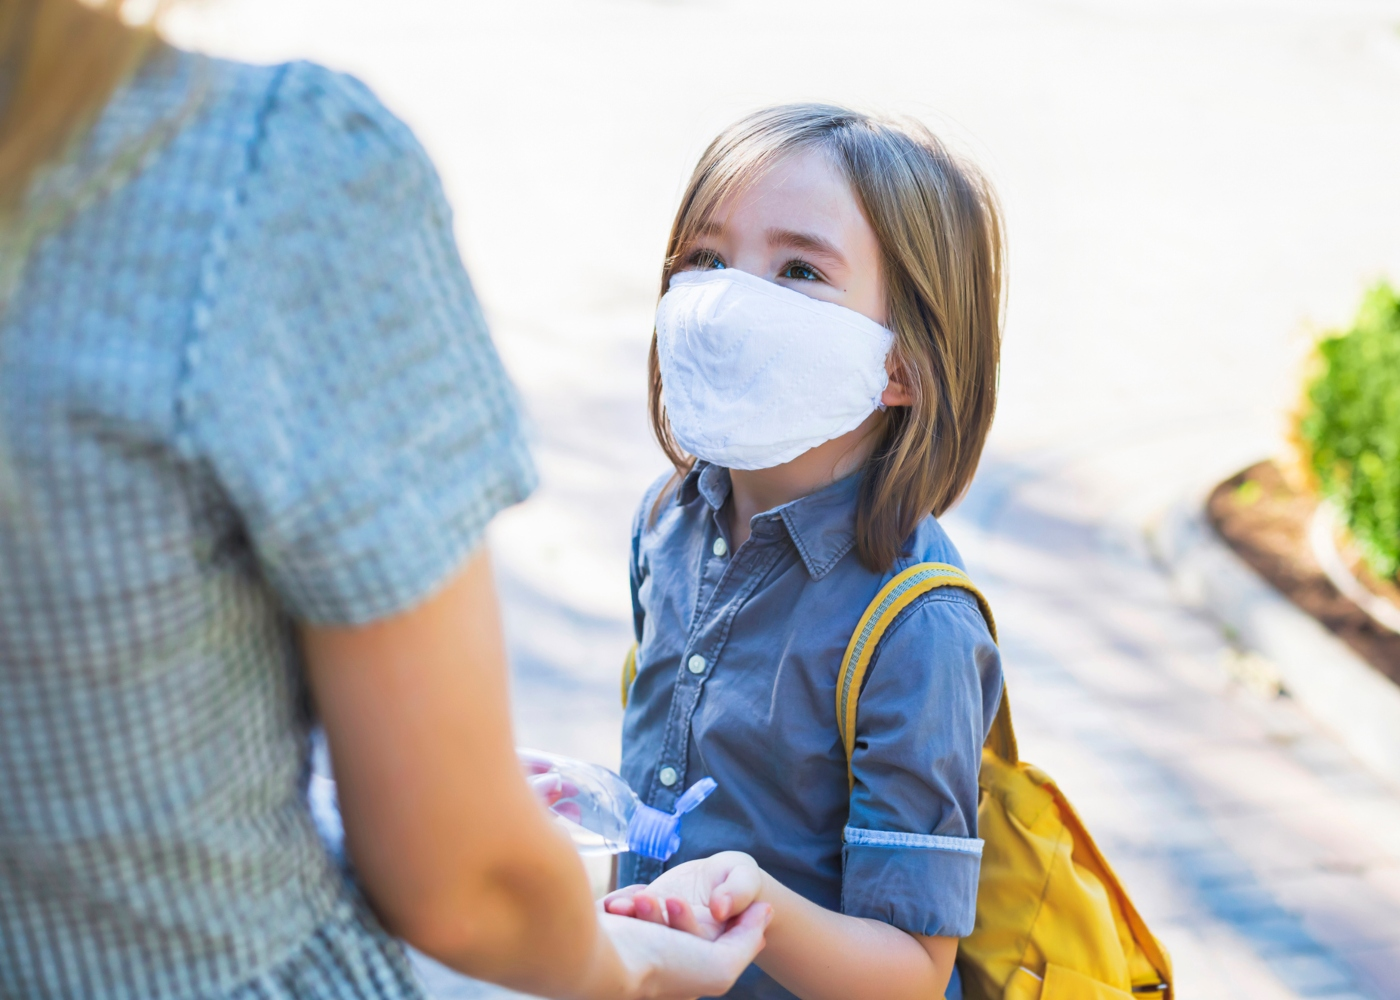 Mãe a conversar com filha sobre a importância de desinfetar mãos e usar máscara na escola